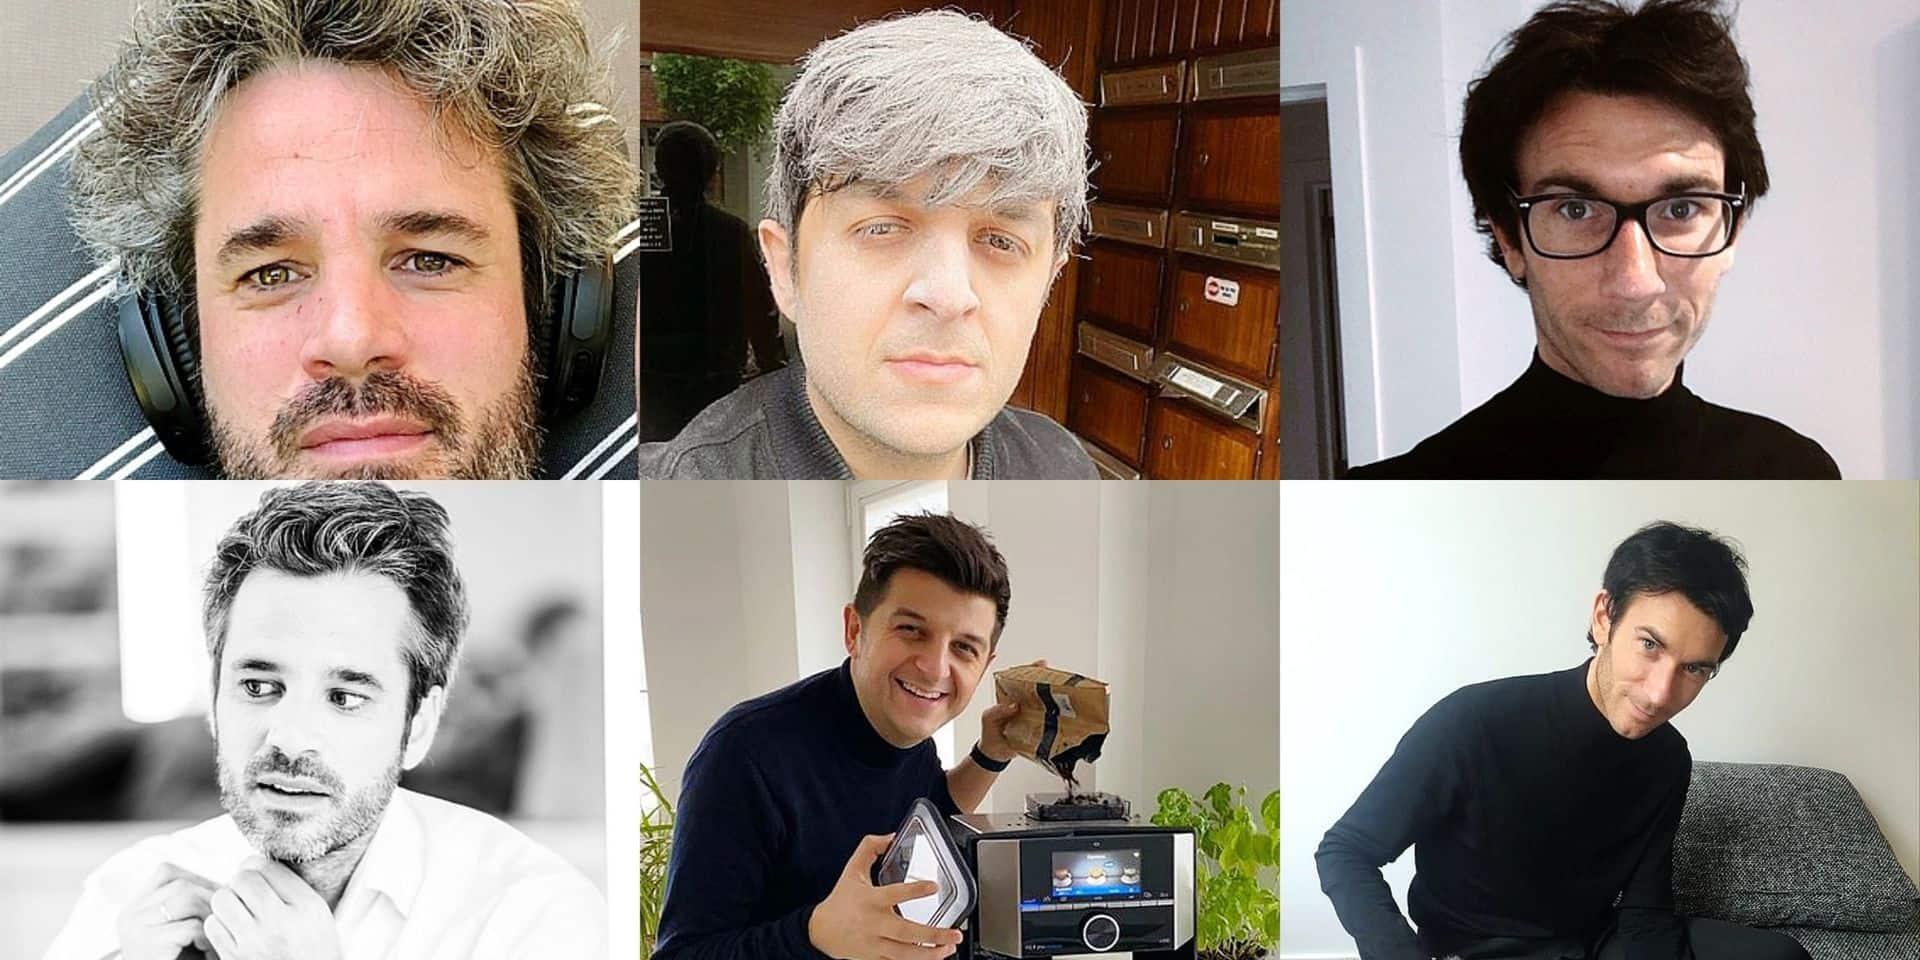 Il était temps que les coiffeurs reprennent du service : l'avant/après confinement des coiffures de people belges !